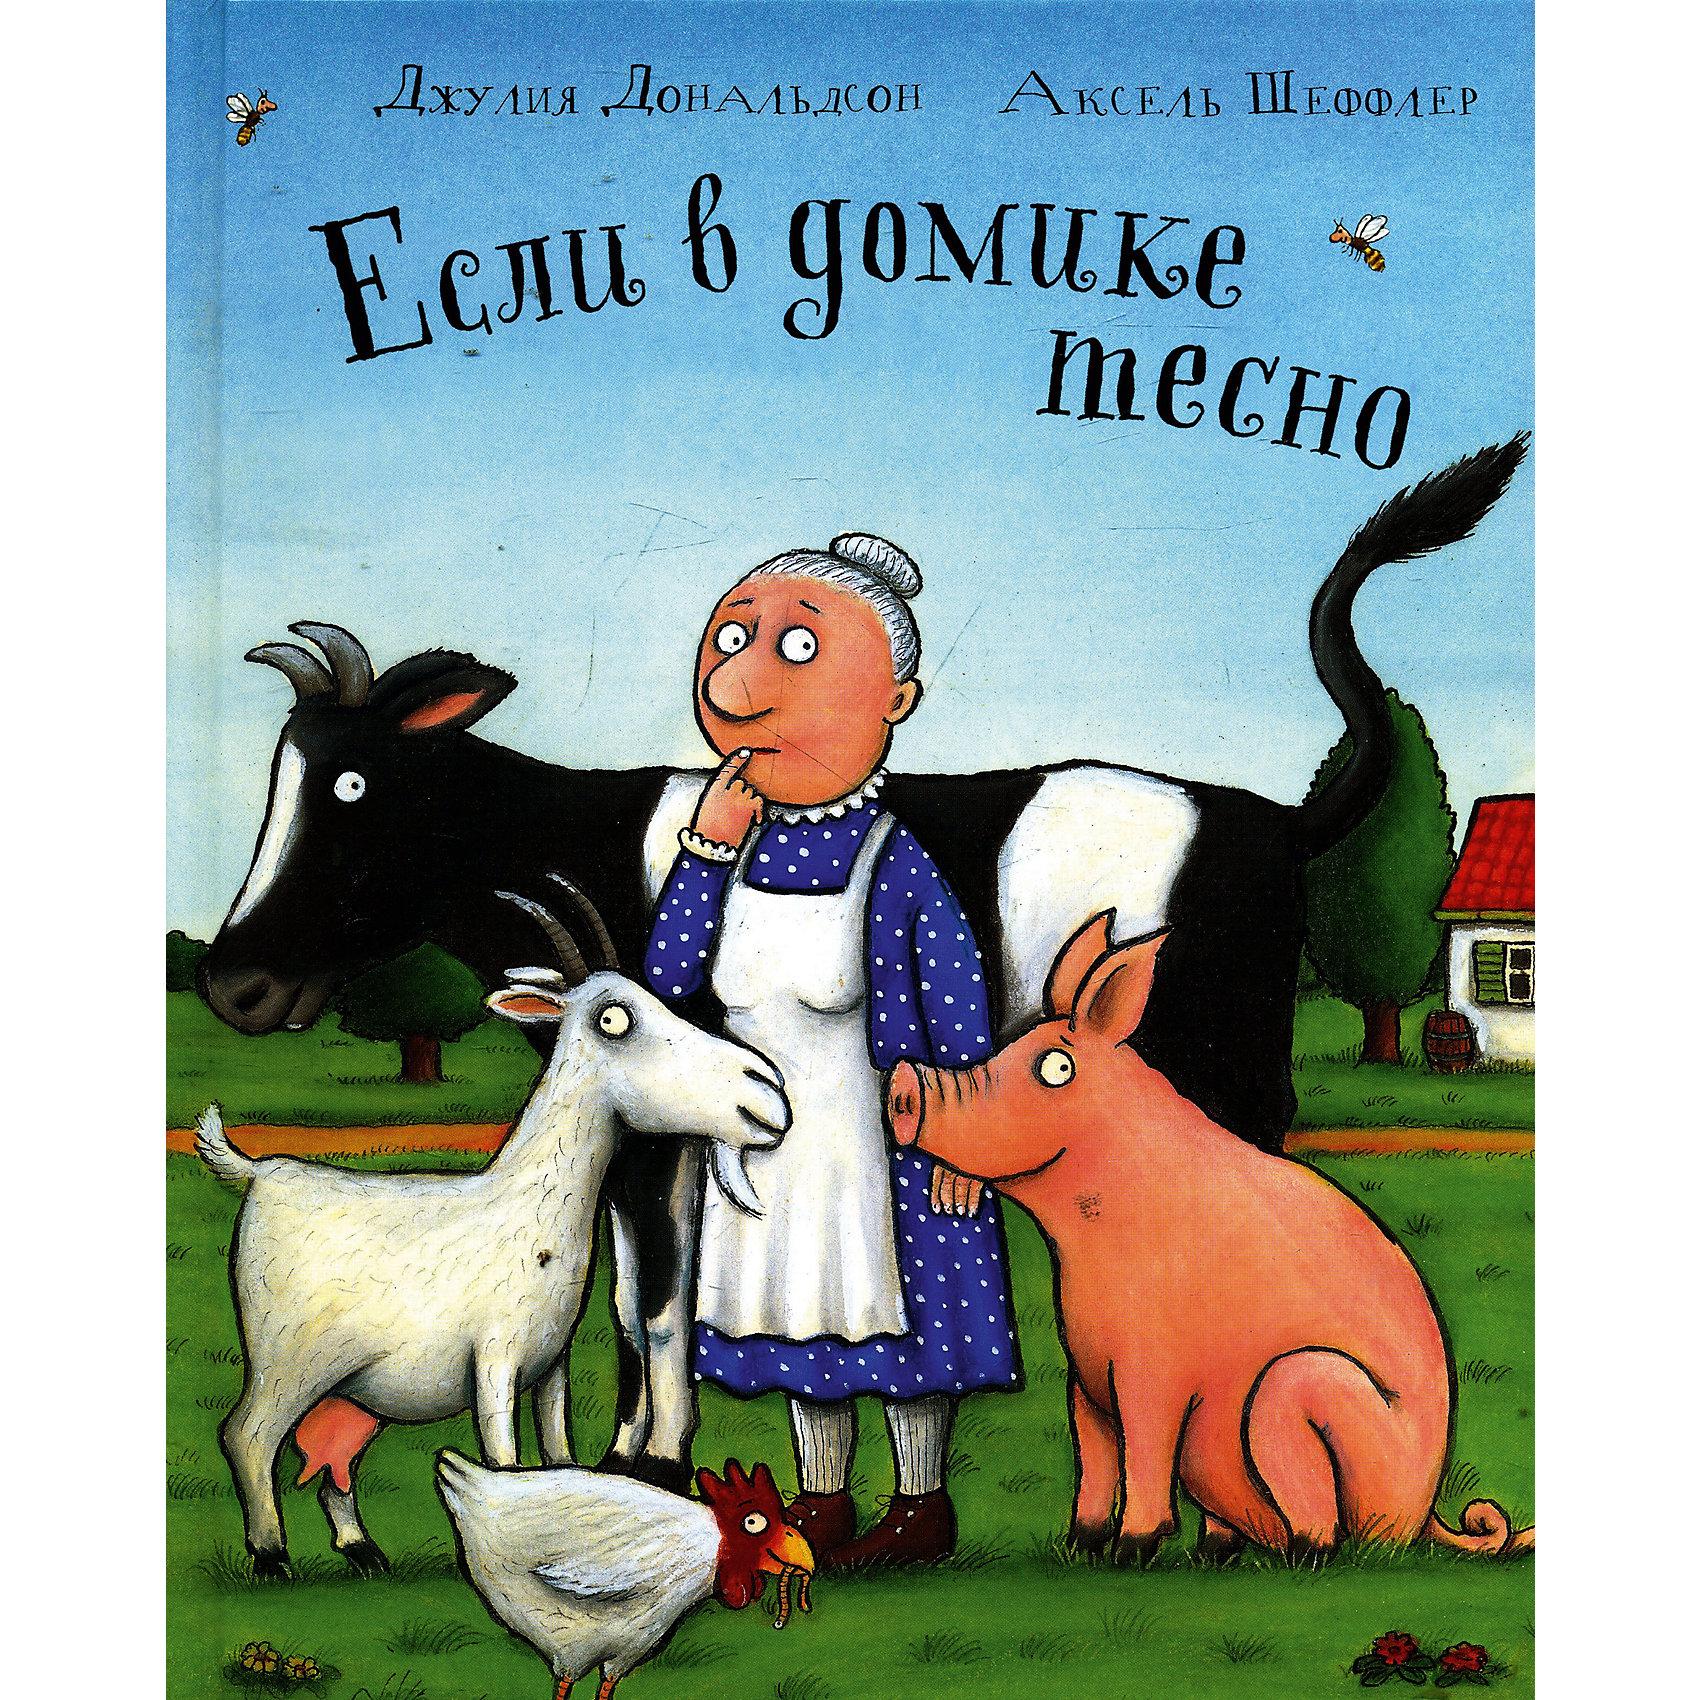 Если в домике тесно, Дж. ДональдсонКак быть если в домике тесно? Верное средство знает старый философ: Взять курицу в дом. Только чур, без вопросов! А вслед за курицей-несушкой - блохастую козу, обжору-свинью и корову... И только когда прогонишь их обратно на двор, то поймешь, что на самом деле дом не мал, а велик.<br>Это самая первая книга писательницы Джулии Дональдсон и художника Акселя Шеффлера - авторов мировых бестселлеров Груффало и Дочурка Груффало и обладателей множества литературных наград.<br><br>Дополнительная информация:<br><br>- Автор: Дональдсон Джулия.<br>- Художник: Шеффлер Аксель.<br>- Переводчик: Бородицкая Марина Яковлевна.<br>- Формат: 28х22,3 см.<br>- Переплет: твердый.   <br>- Количество страниц: 28. <br>- Иллюстрации: цветные.<br><br>Книгу Если в домике тесно, Дж. Дональдсон, можно купить в нашем магазине.<br><br>Ширина мм: 219<br>Глубина мм: 7<br>Высота мм: 275<br>Вес г: 350<br>Возраст от месяцев: 36<br>Возраст до месяцев: 72<br>Пол: Унисекс<br>Возраст: Детский<br>SKU: 4522313